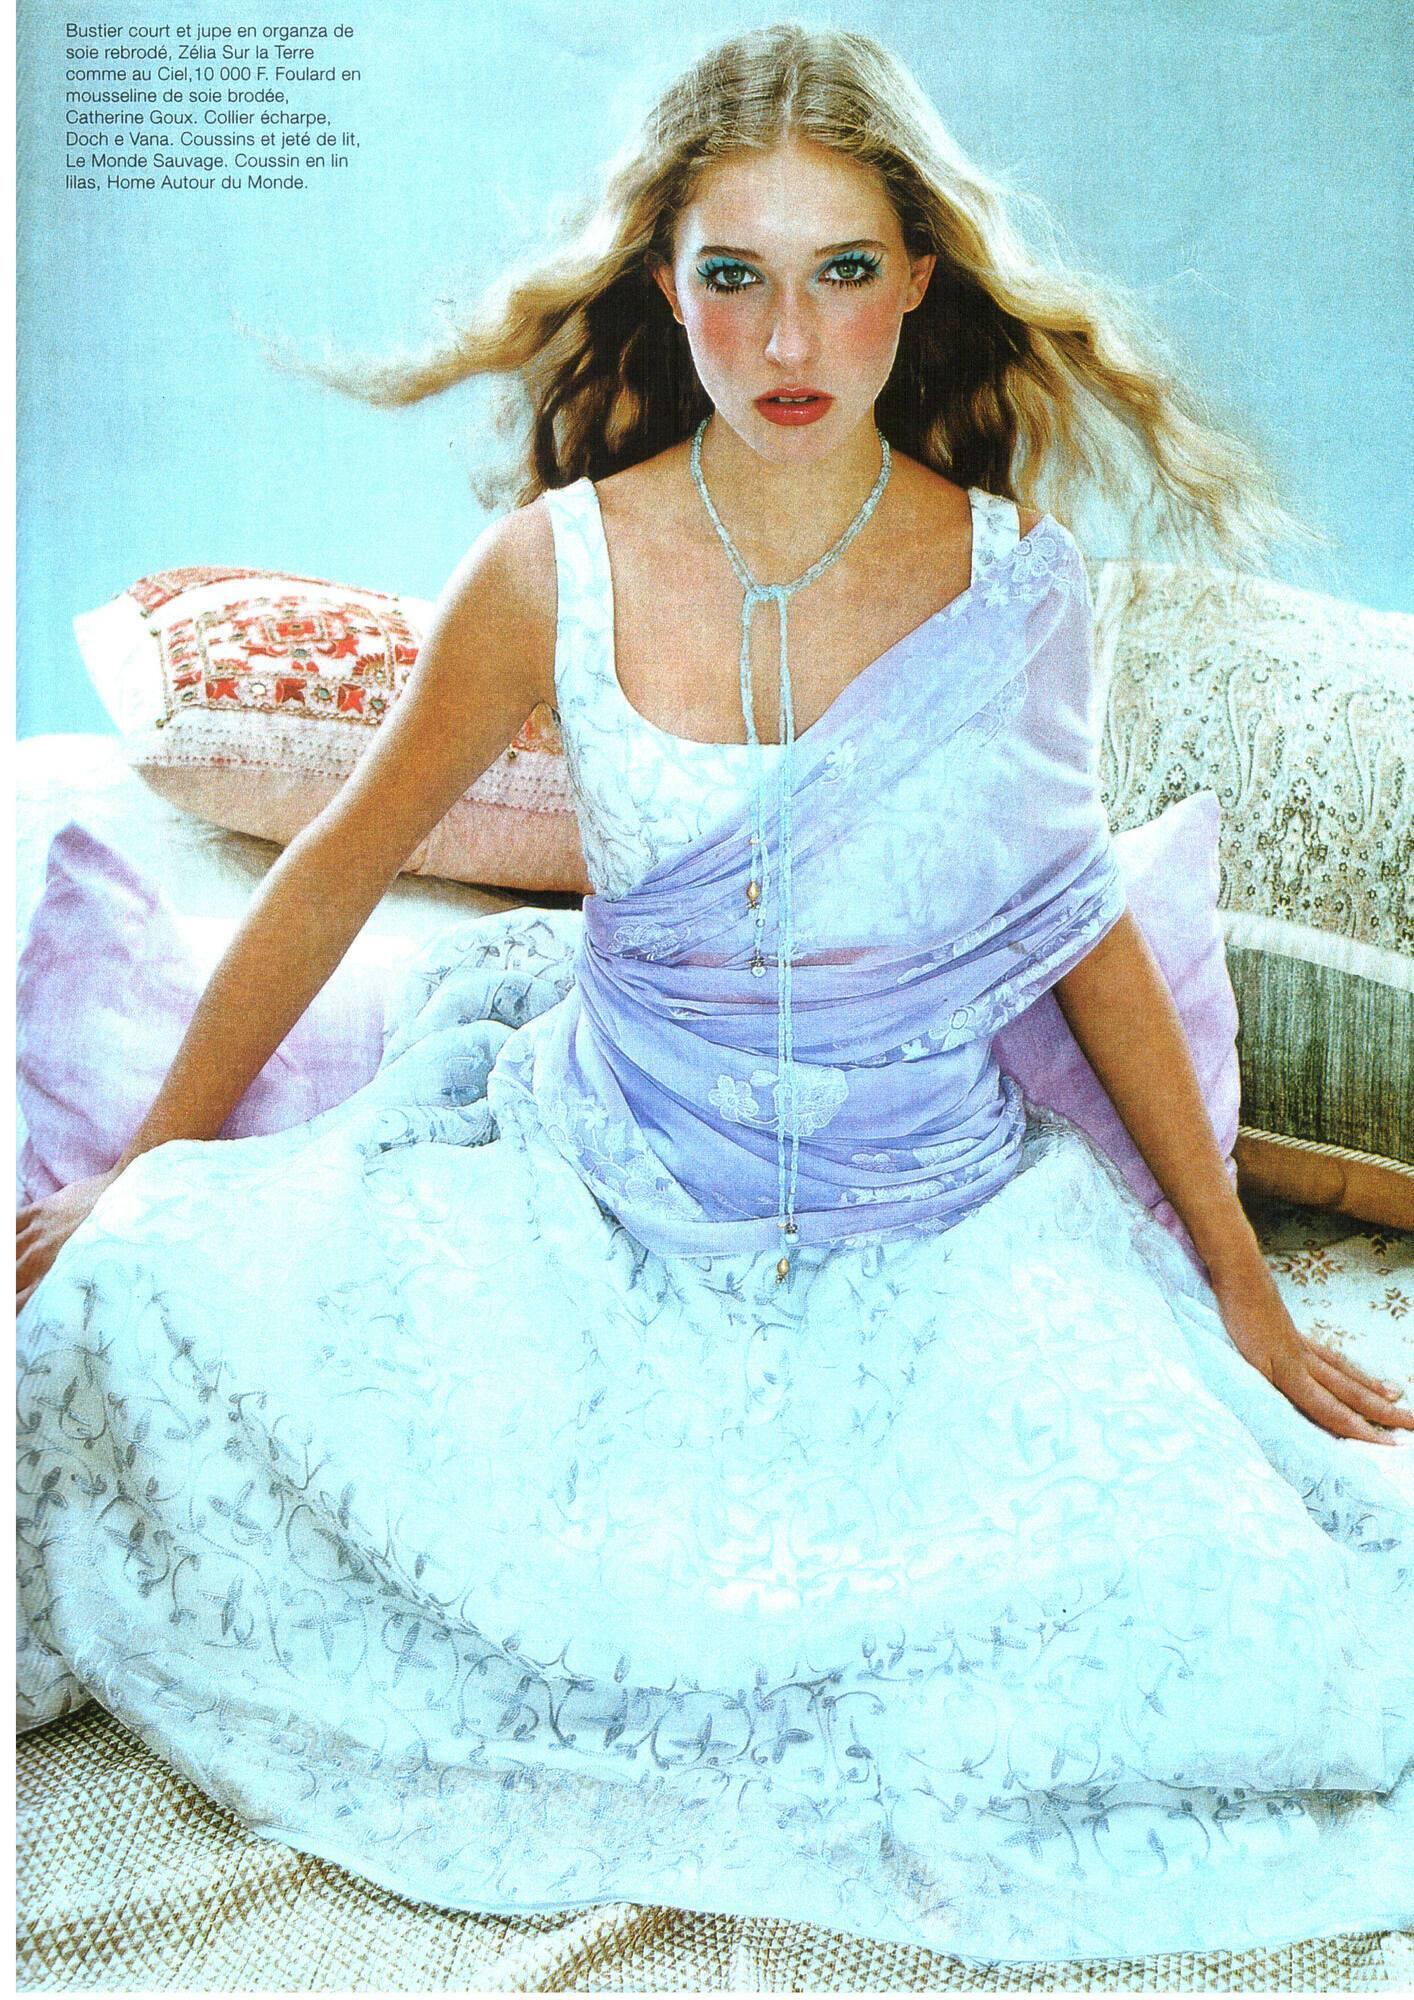 Катя Осадча у віці 13 років на сторінках модного журналу